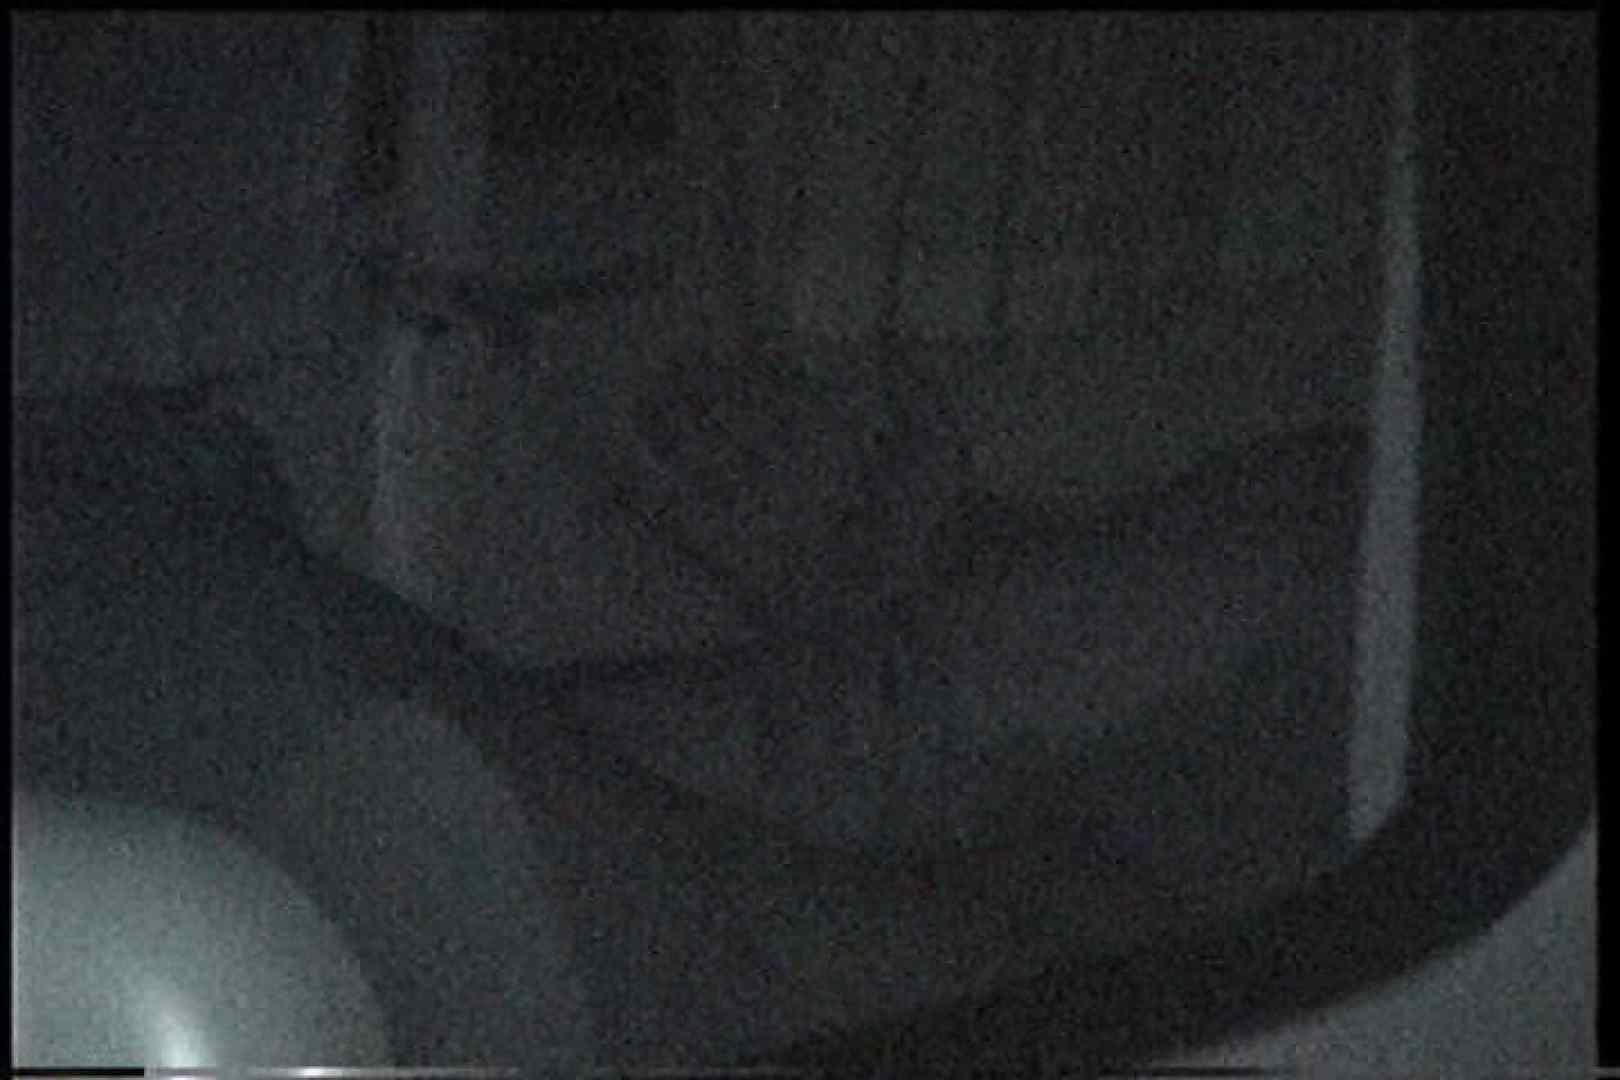 充血監督の深夜の運動会Vol.177 前編 エッチなセックス オメコ動画キャプチャ 88画像 74